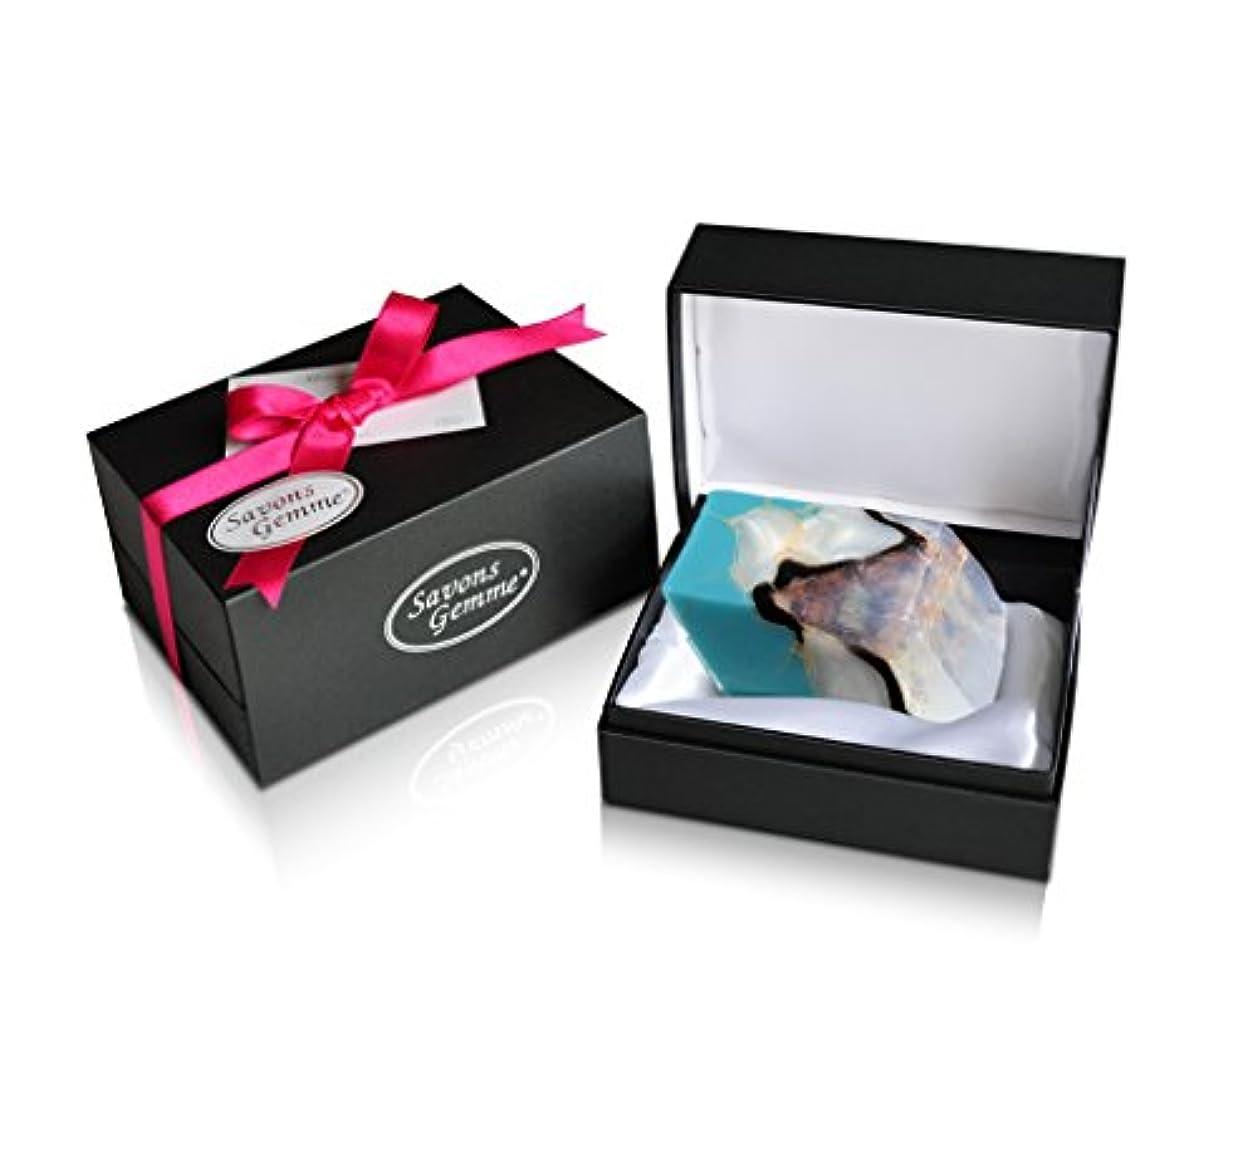 連帯意志に反する然としたSavons Gemme サボンジェム ジュエリーギフトボックス 世界で一番美しい宝石石鹸 フレグランス ソープ ターコイズ 170g